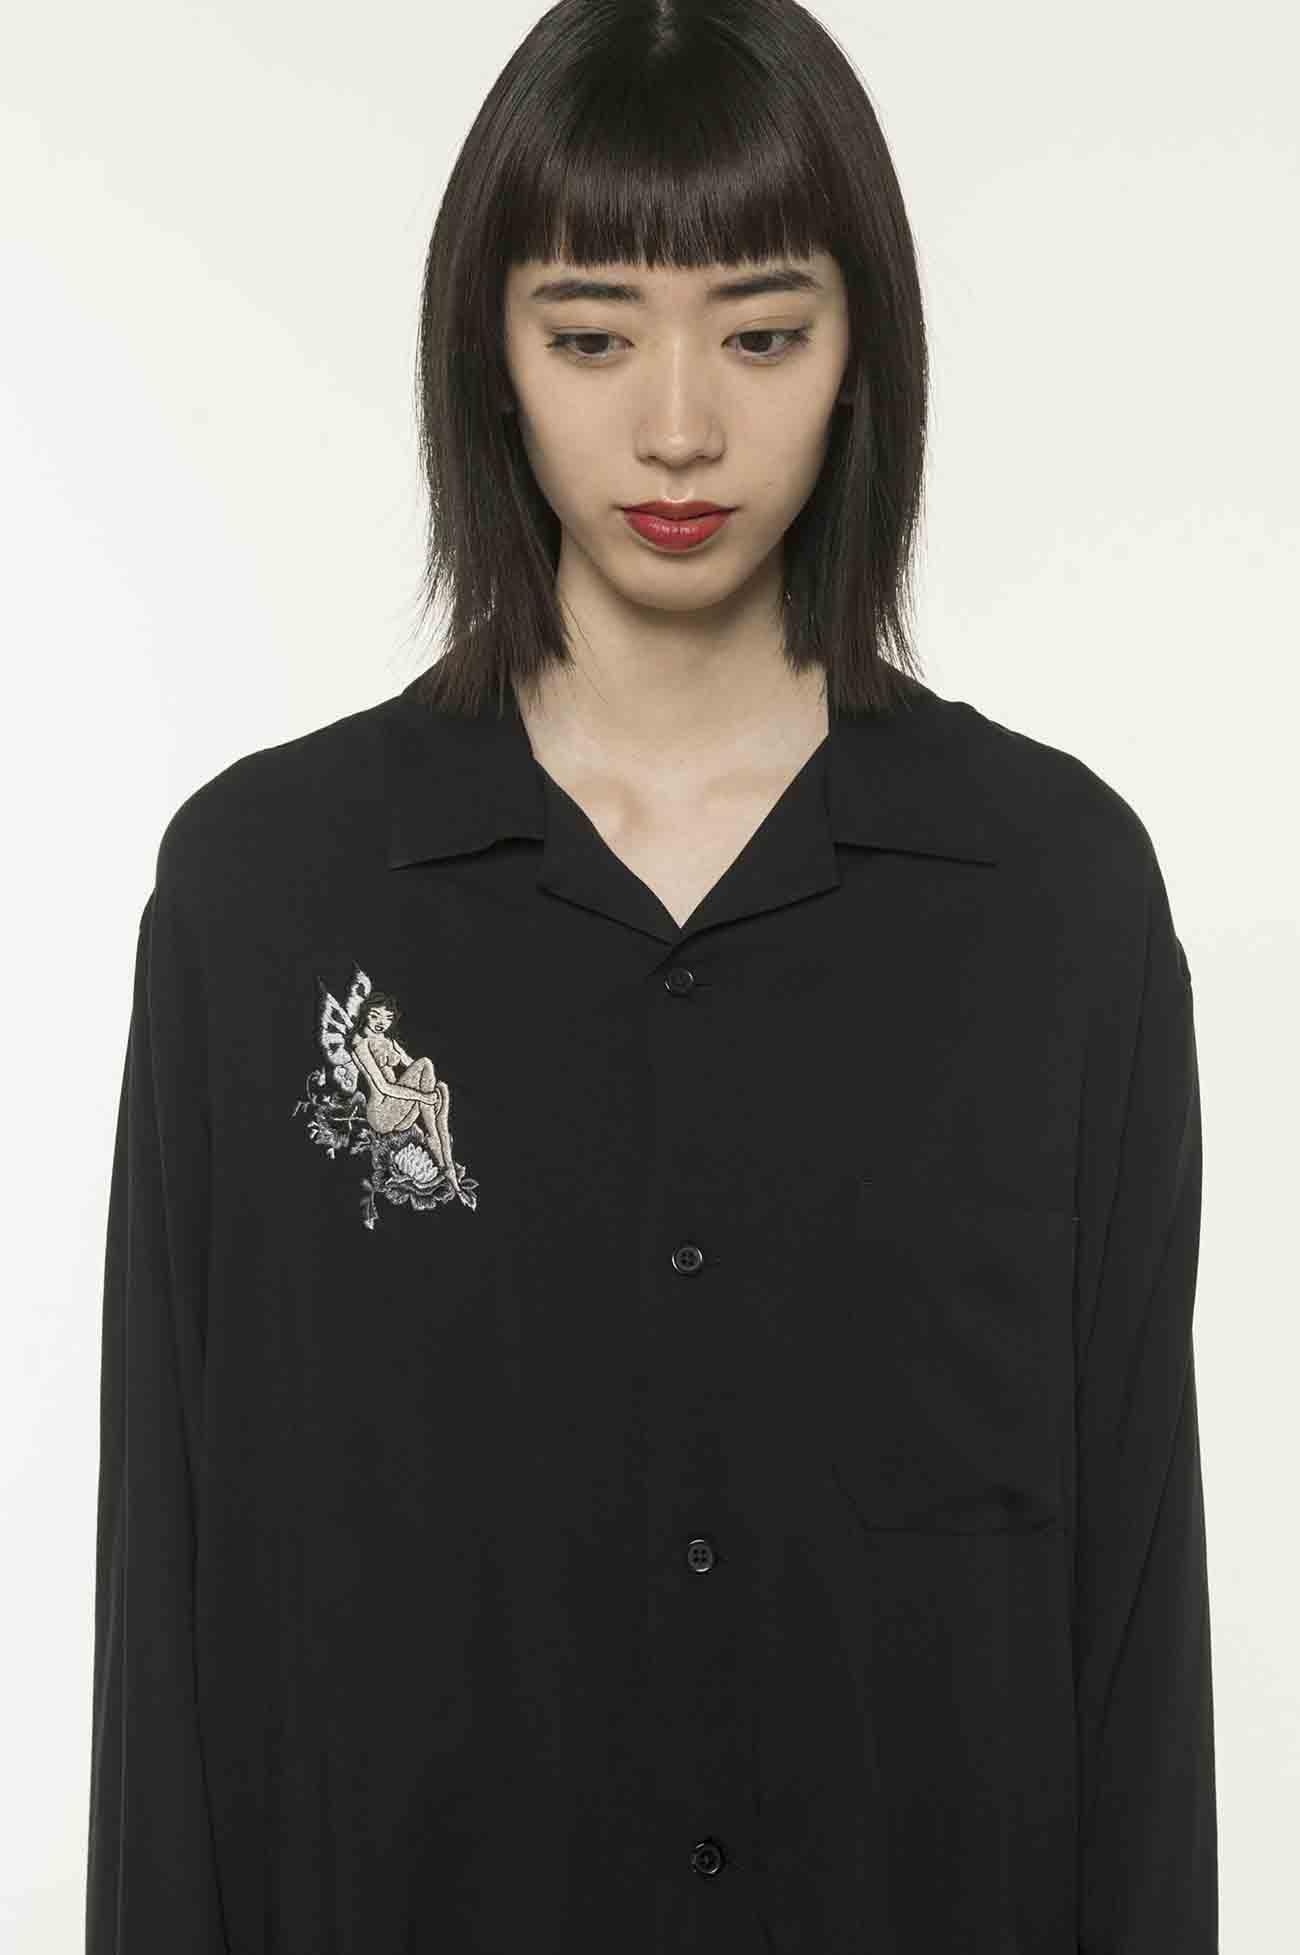 妖精刺绣图案衬衫